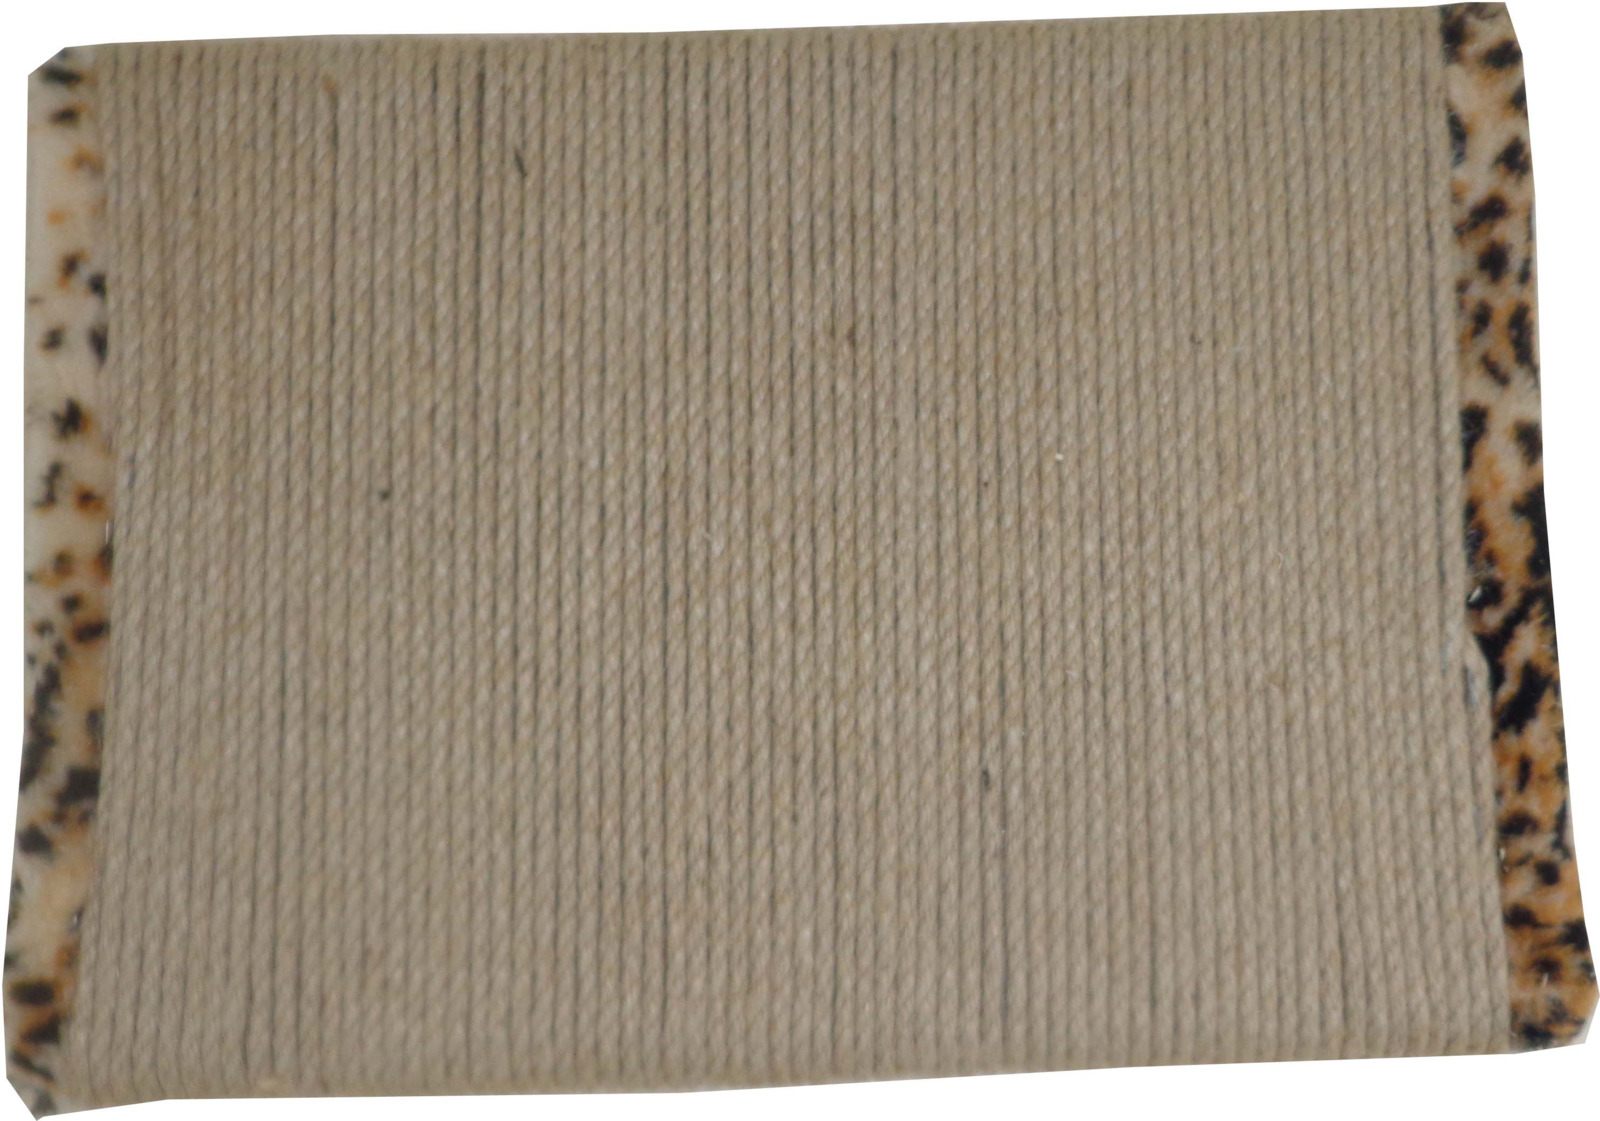 Меридиан, Когтеточка-коврик, рис. Барс (бежевый фон, черный рисунок), 32 x 46 2 см